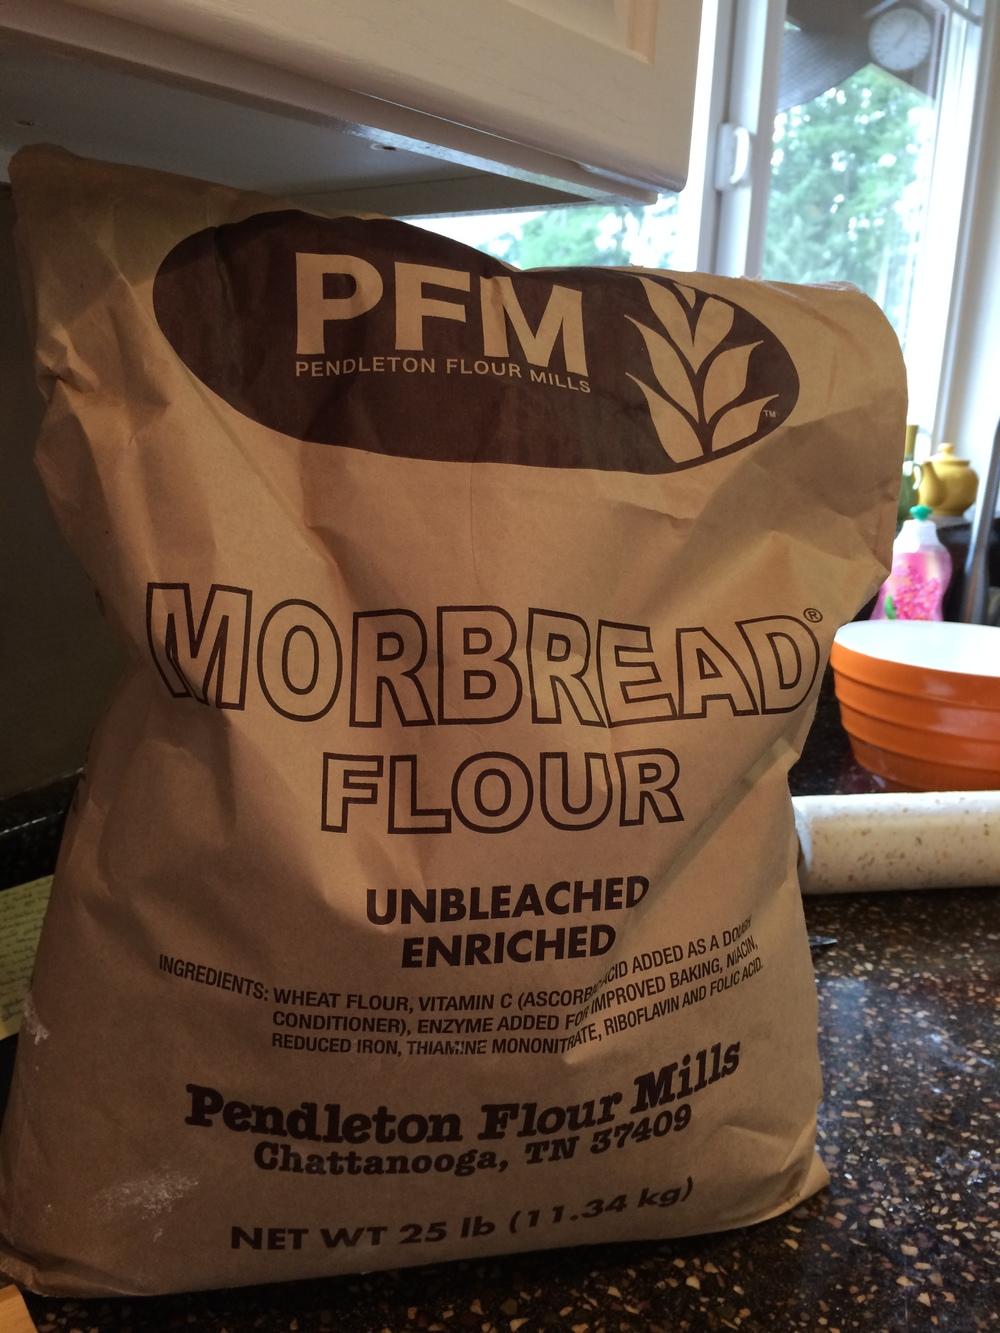 Lori's flour...